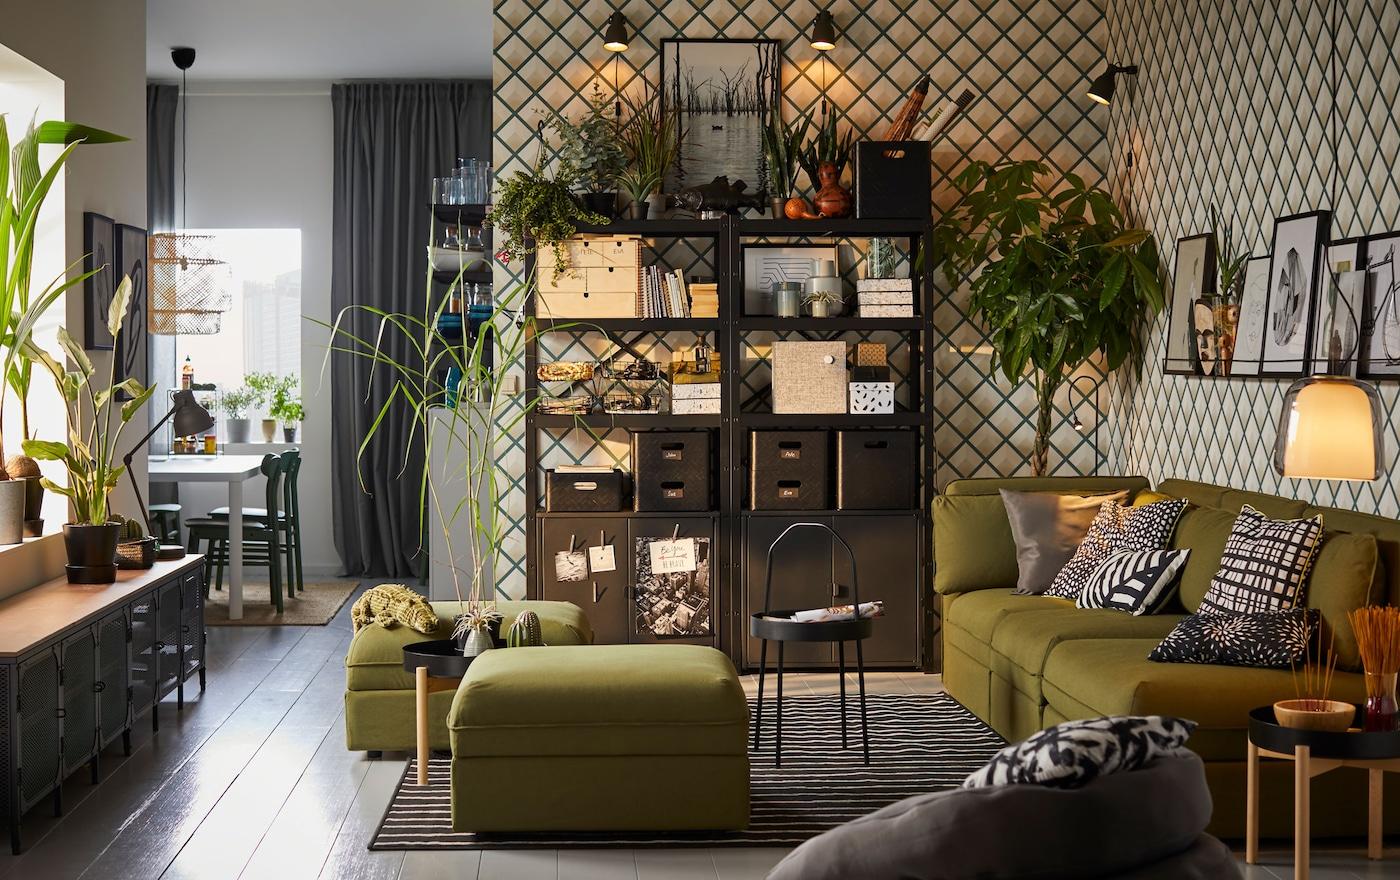 IKEA BROR hyllyt ovat monipuolinen säilytysjärjestelmä, joka voidaan sijoittaa olohuoneeseen, ulkotilaan, varastoon tai autotalliin. Se kestää raskaitakin kuormia, joten sillä voi säilyttää työkaluja, kasveja, koreja ja laatikoita.